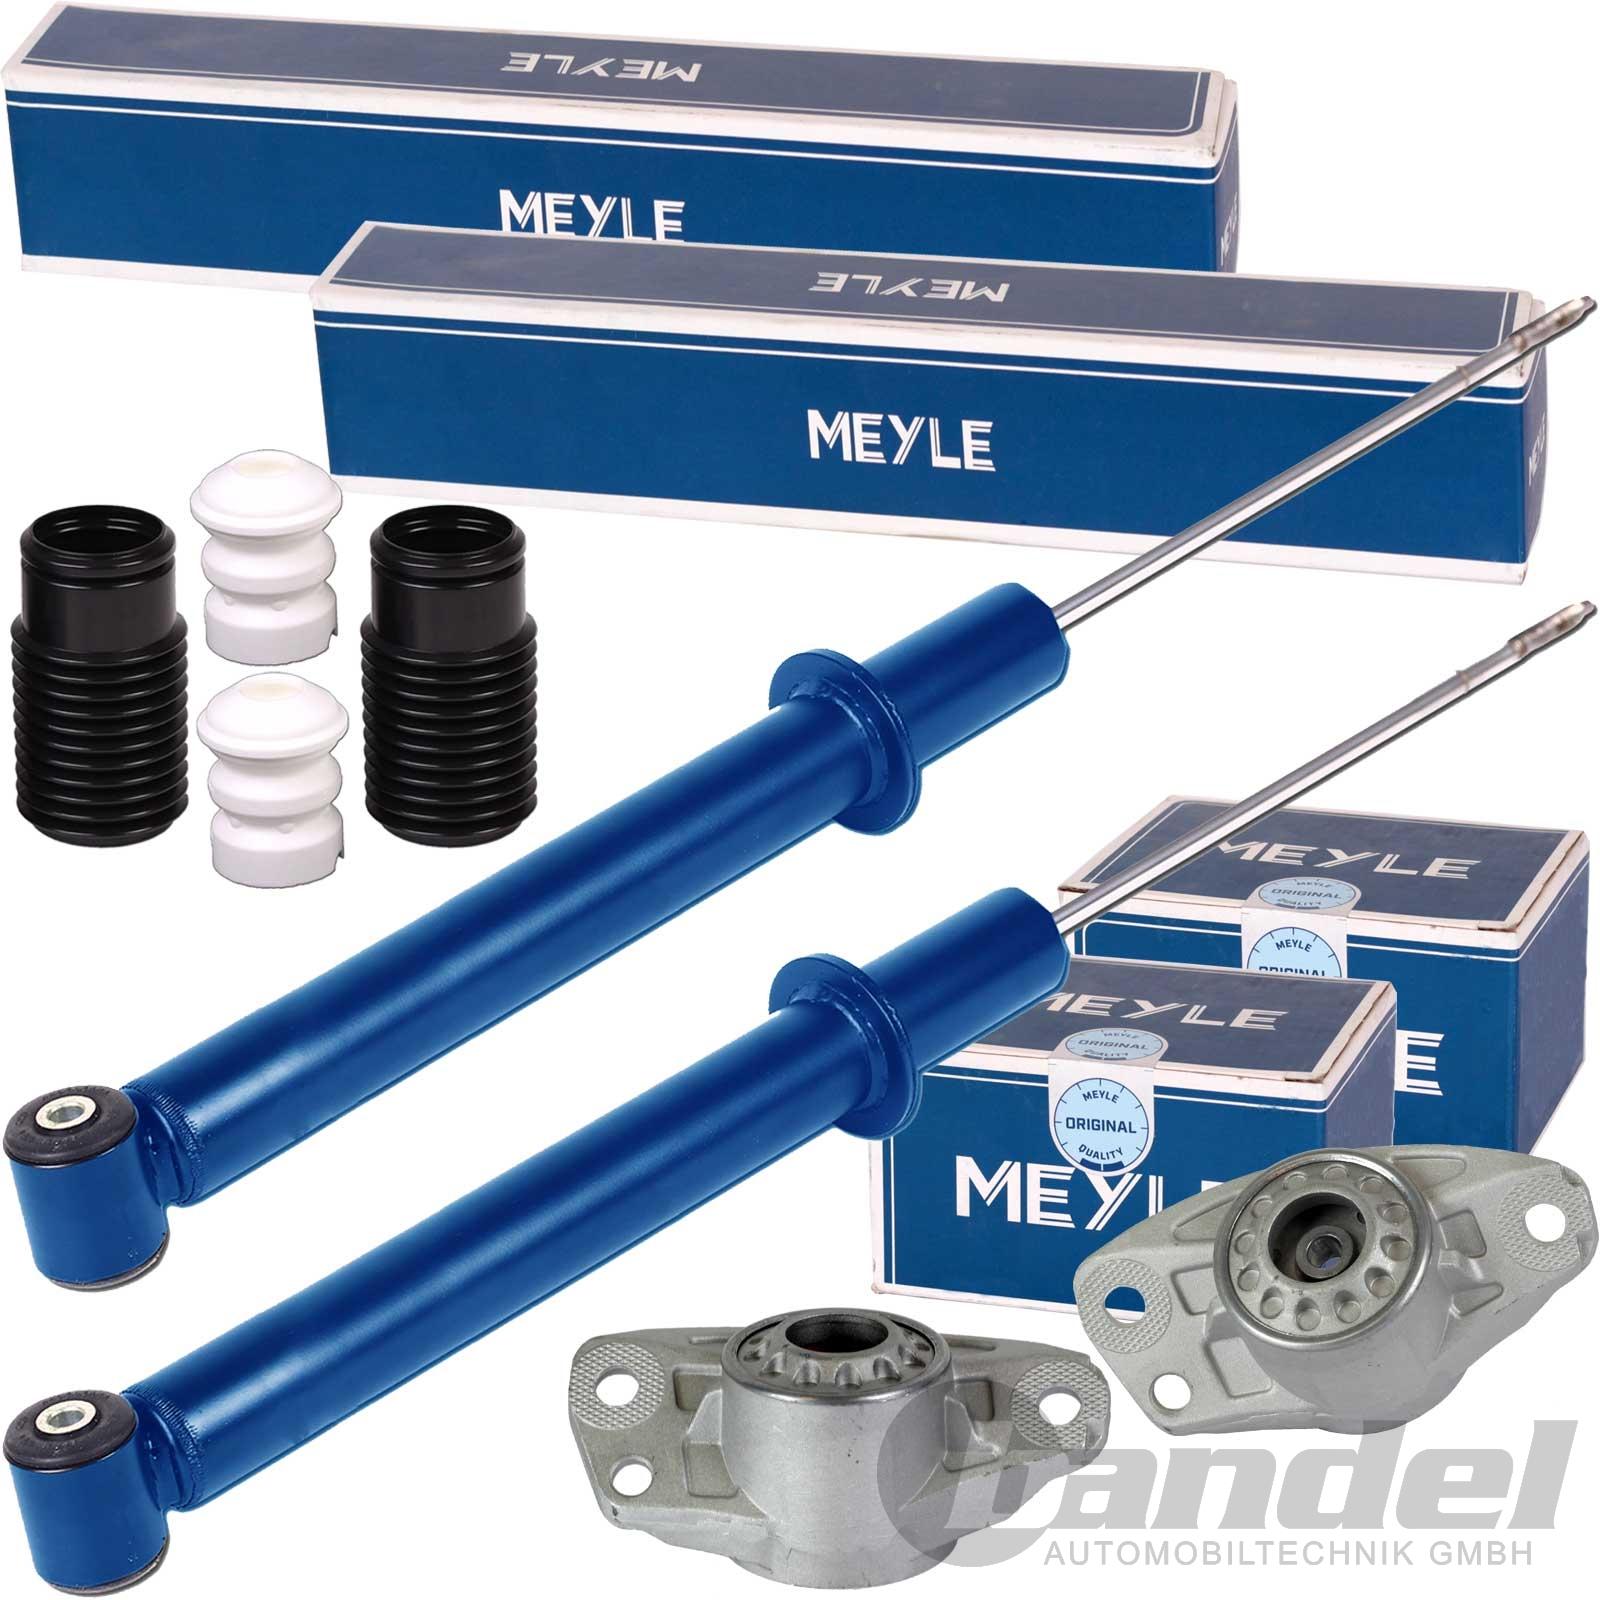 Meyle Staubschutzsatz für Stoßdämpfer hinten Skoda VW